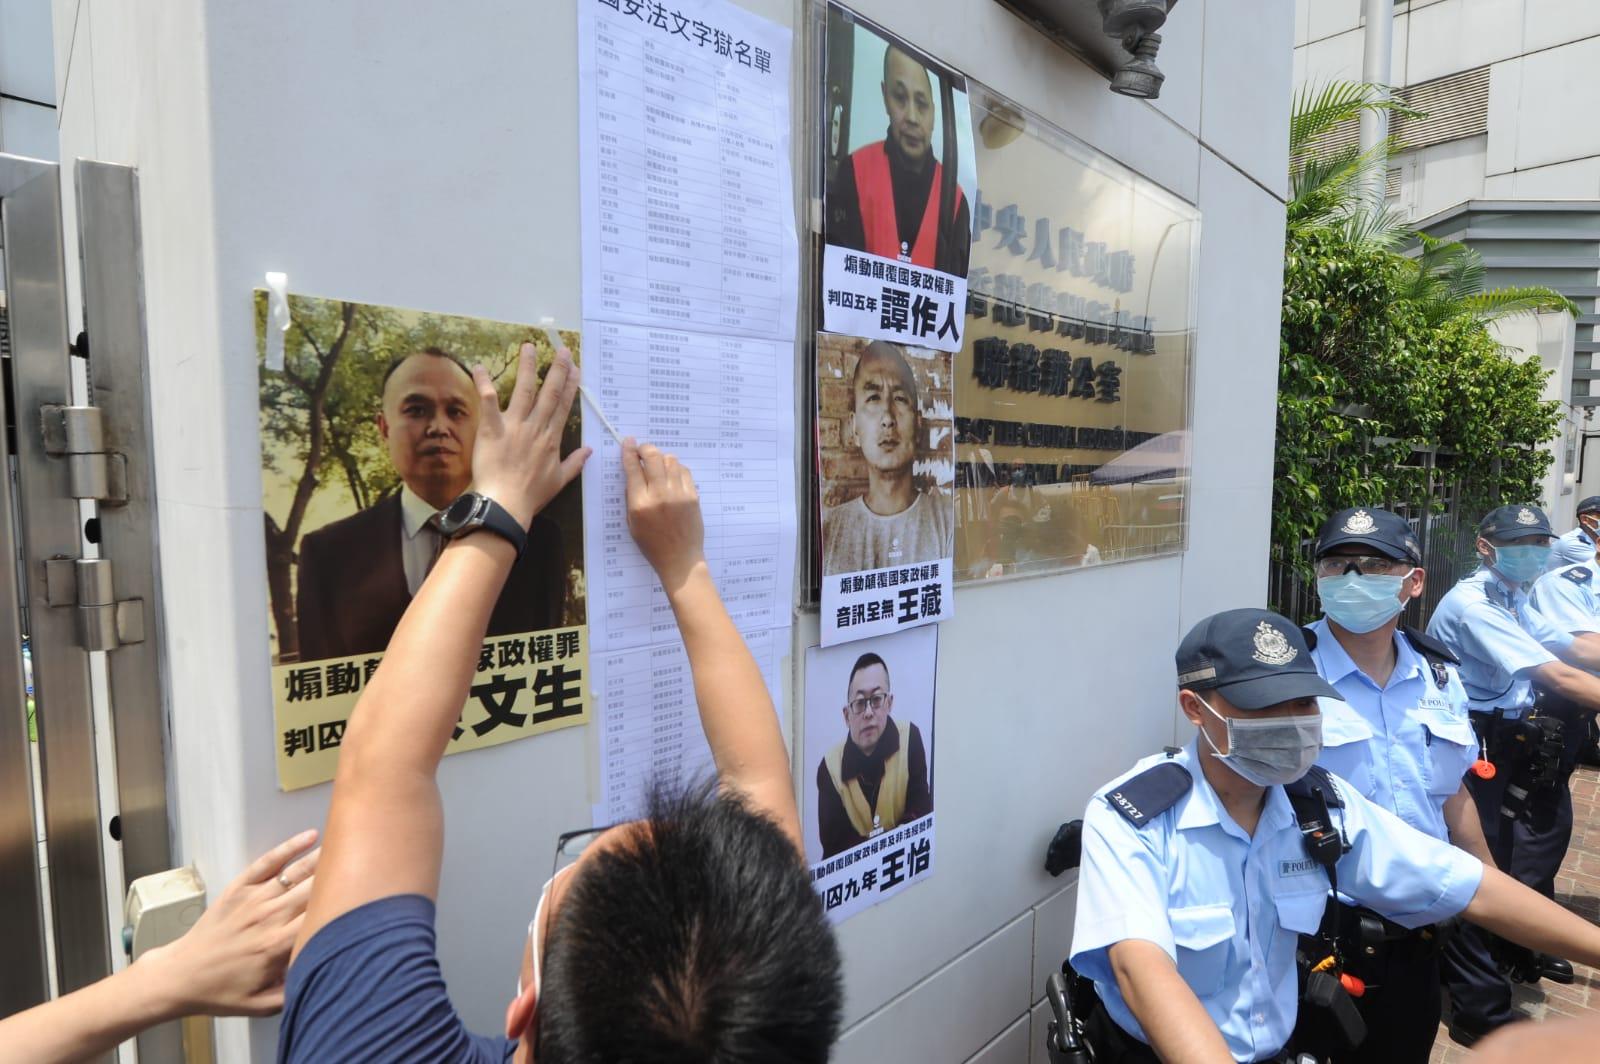 社民連將「文字獄名單」貼在中聯辦大樓外牆上,有數十民警力在旁戒備。(宋碧龍/大紀元)